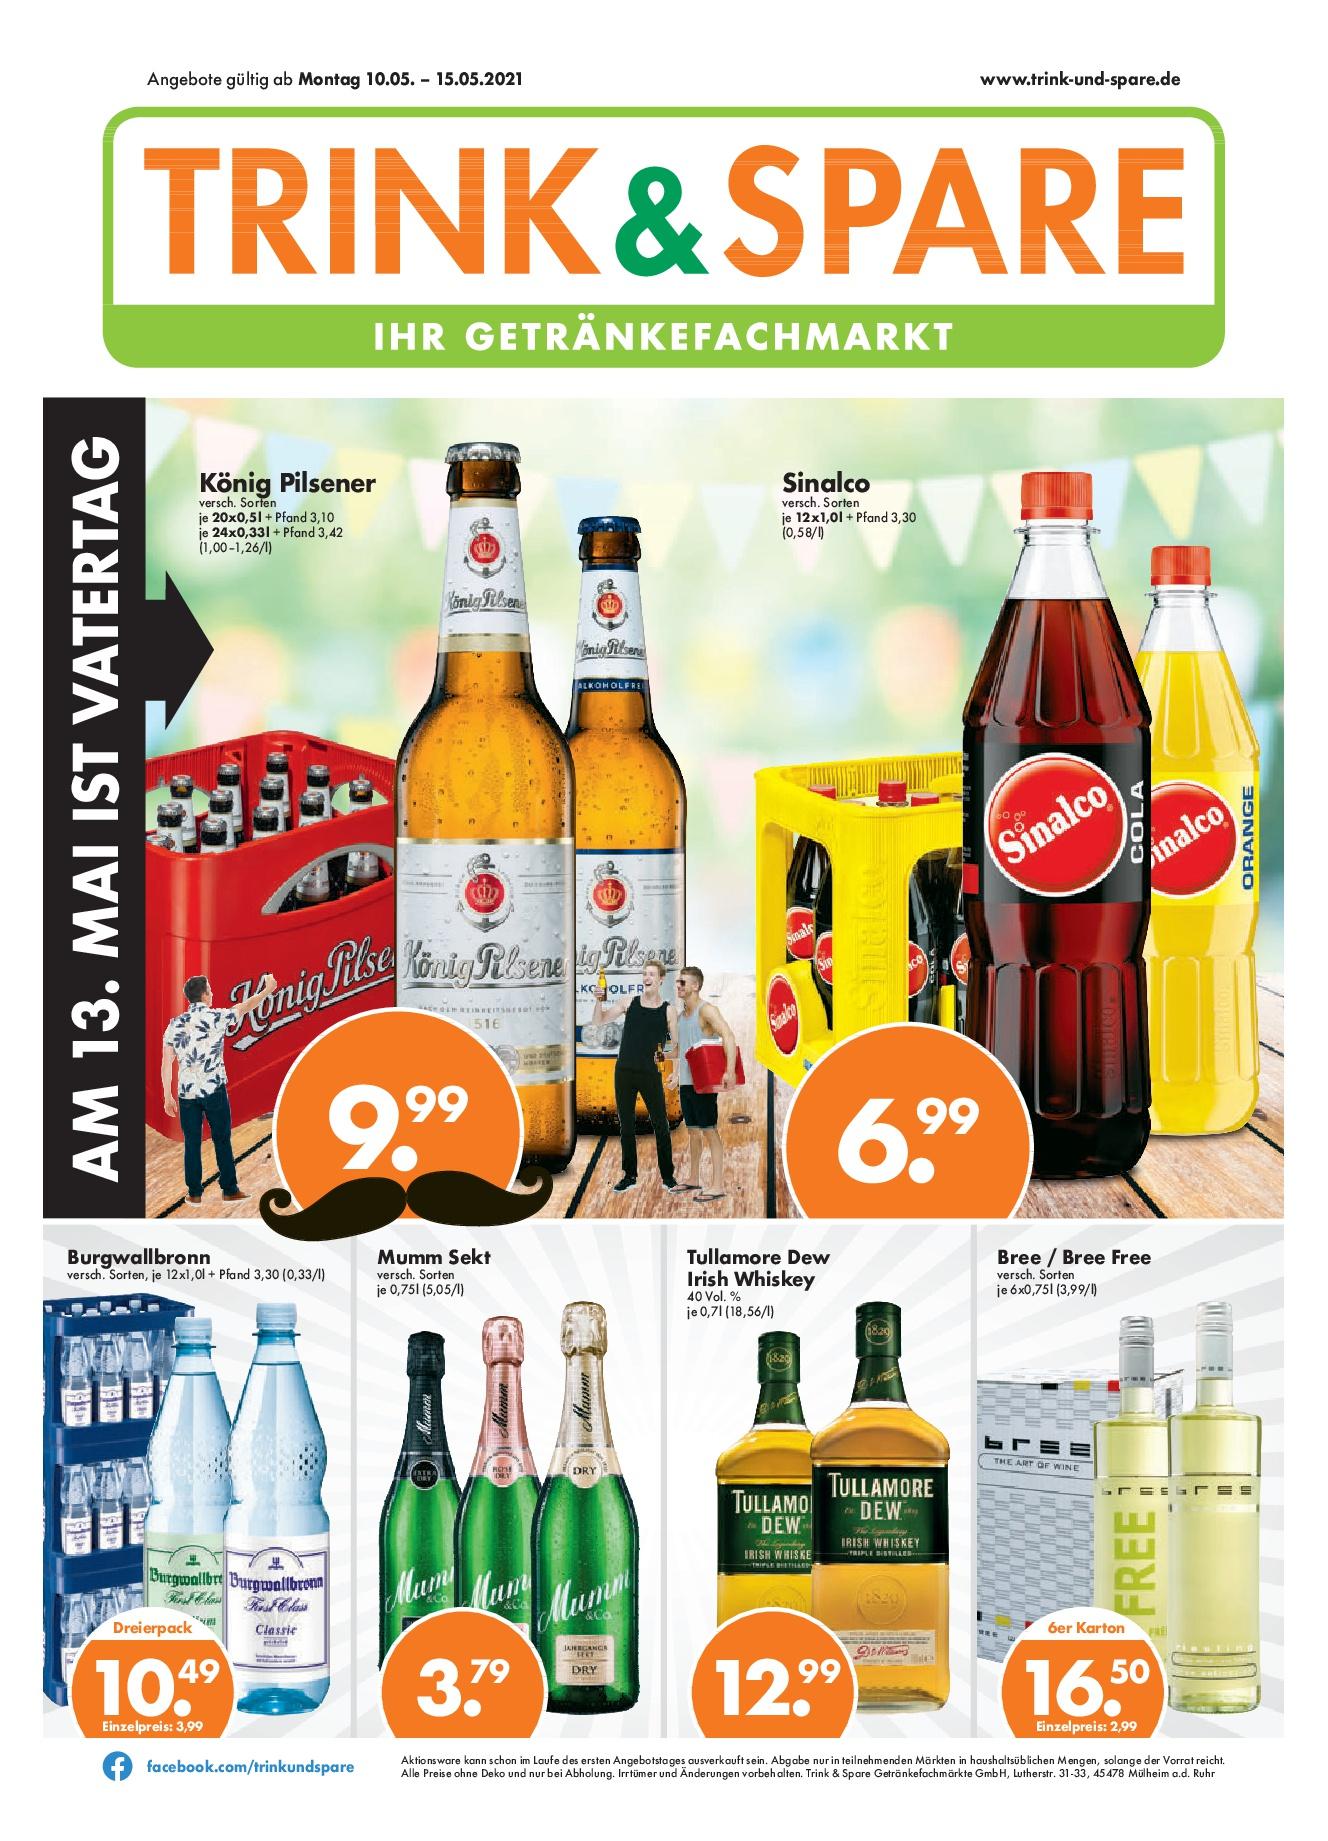 Trink & Spare Getränkefachmarkt - Perfect Draft Fässer ab 12,99 € zzgl. 5 € Pfand